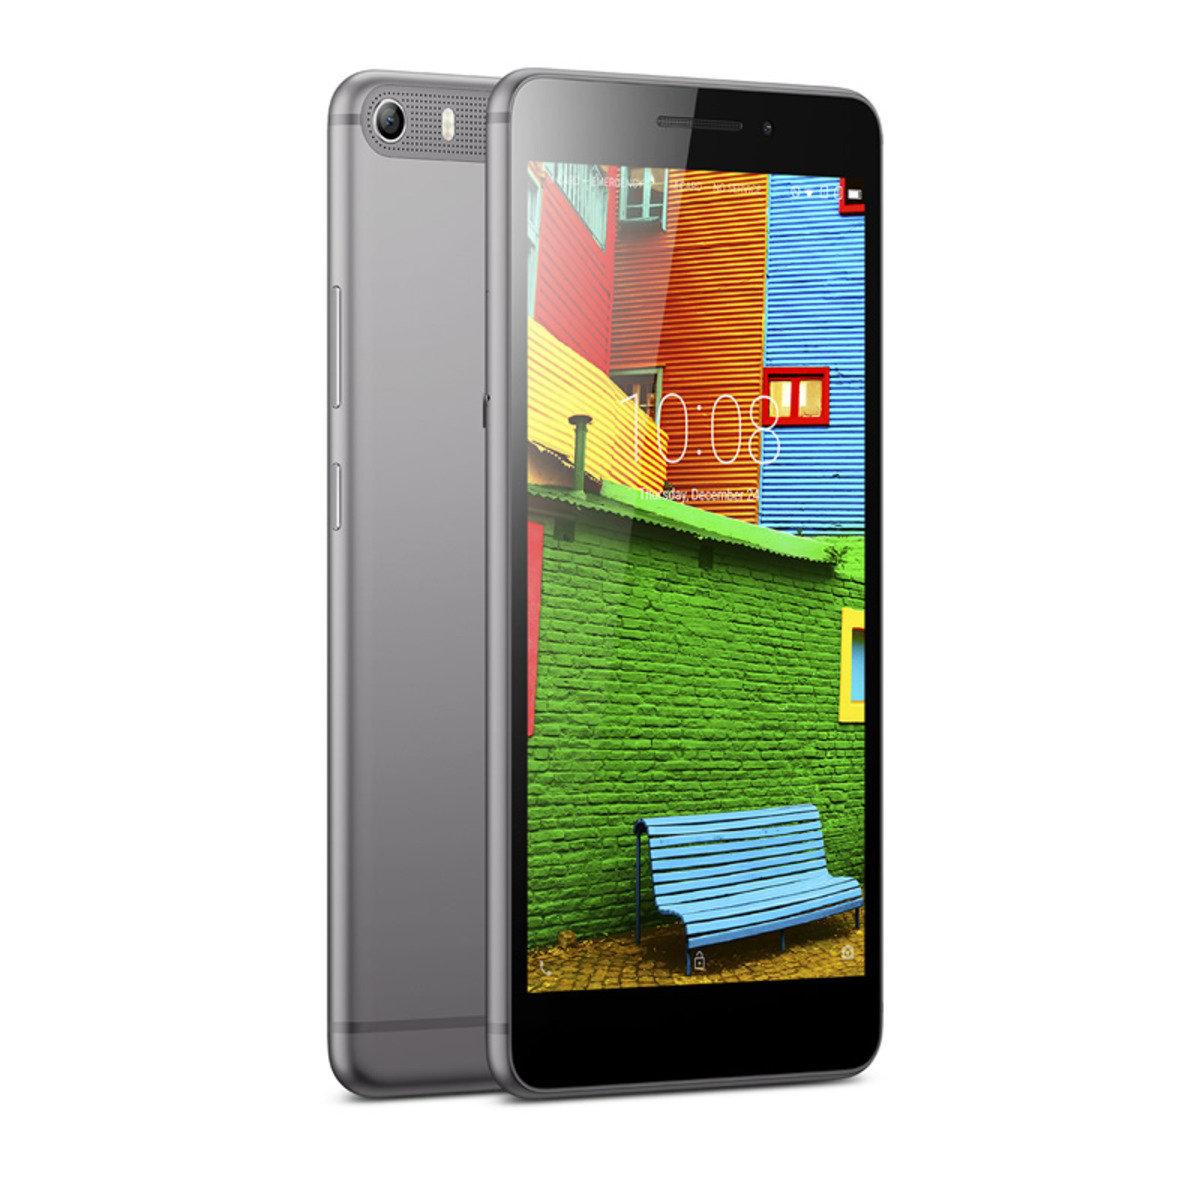 PHAB Plus手機連BEKKI玻璃保護貼套裝 (4G LTE / 32GB /傲灰 )